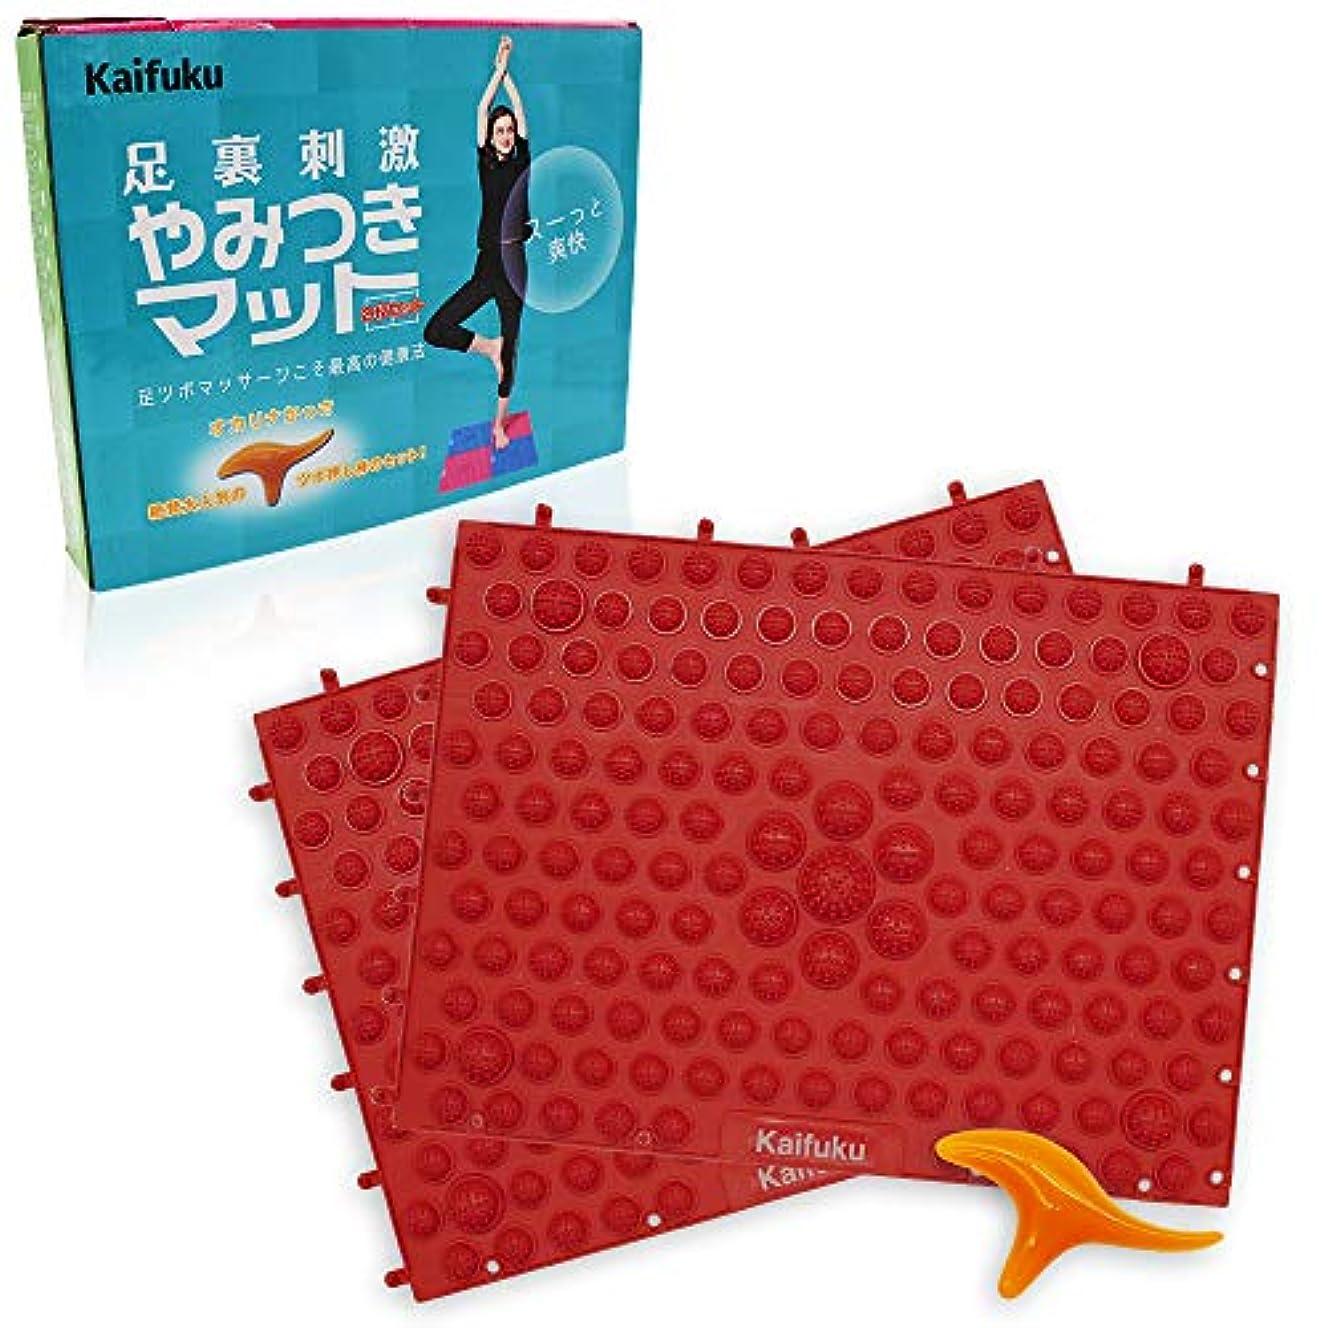 豚平らな驚かすkaifuku 足つぼマット 足つぼ 足裏マッサージ 足つぼマッサージ ツボ押し (赤)